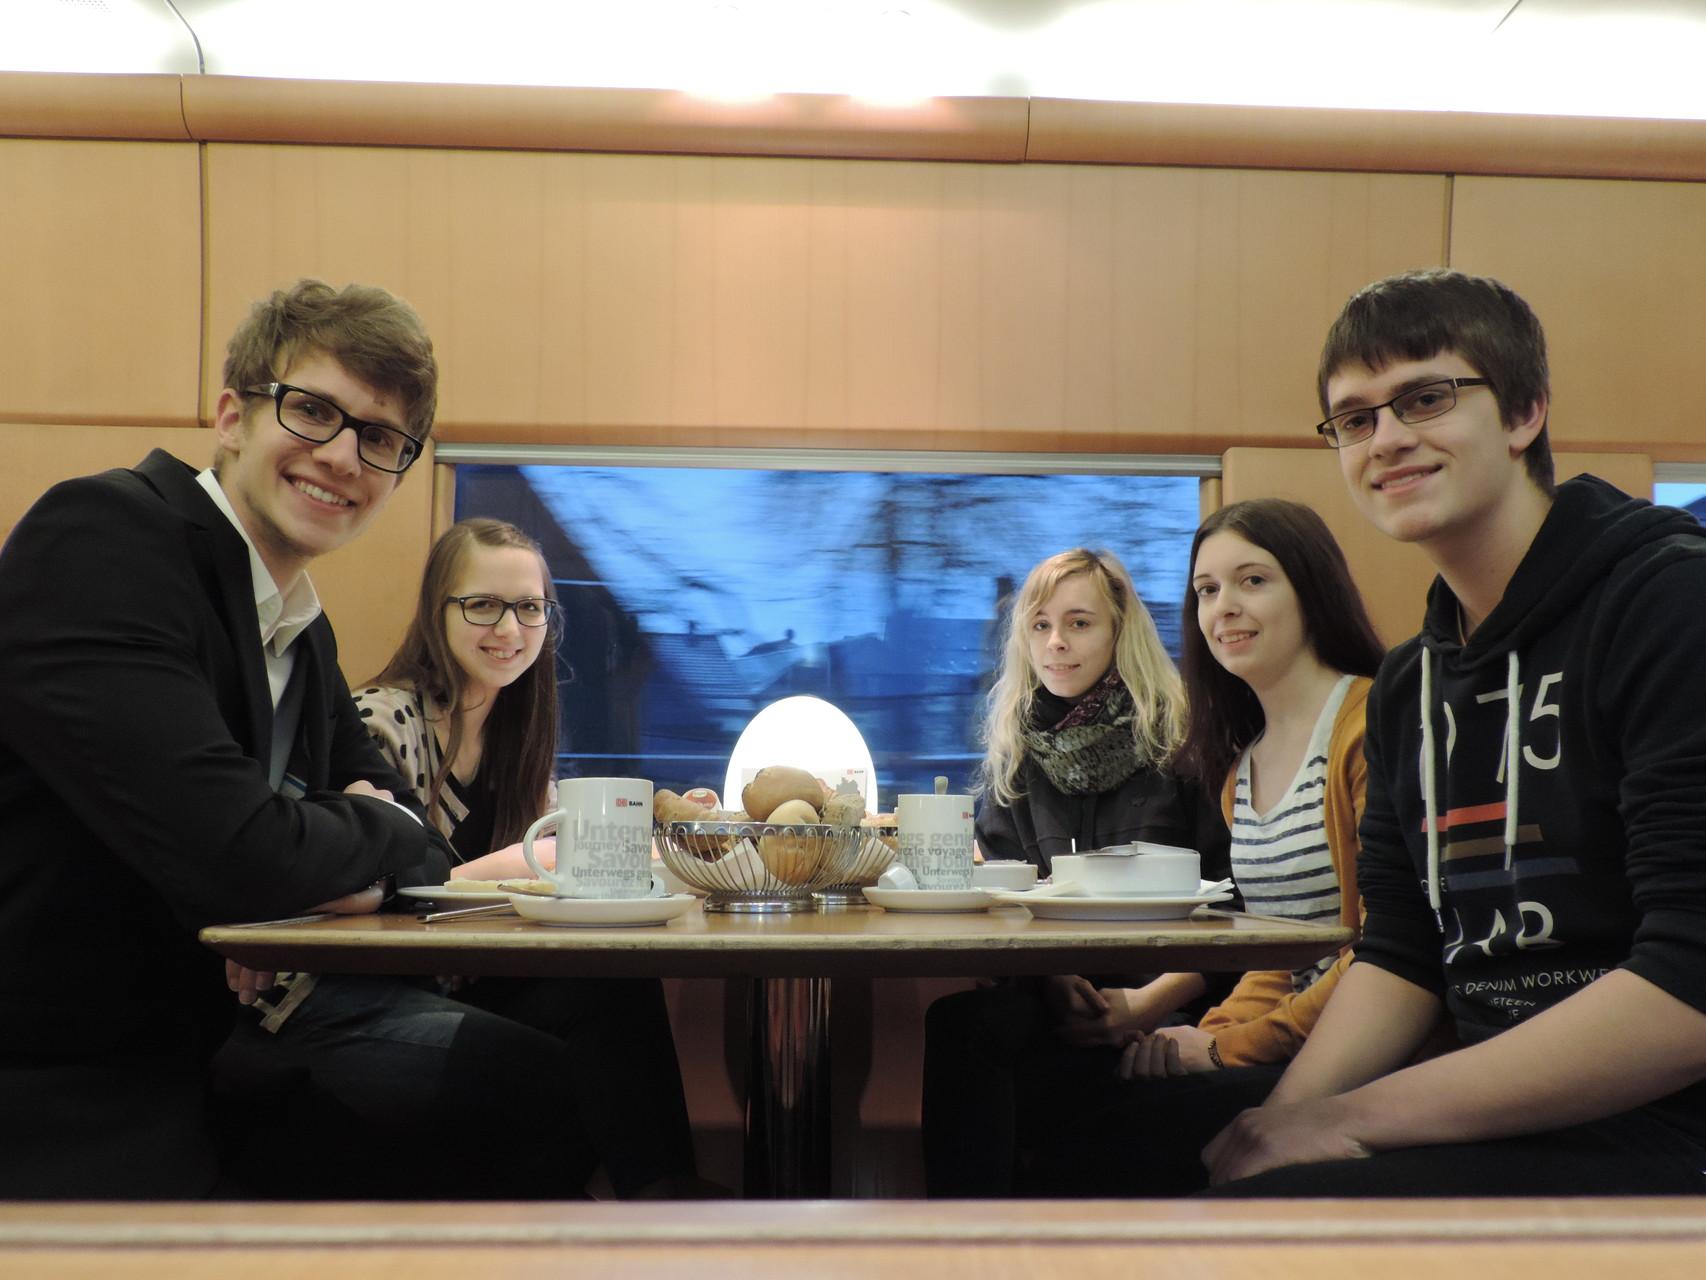 Beim leckeren Frühstück im Zug!